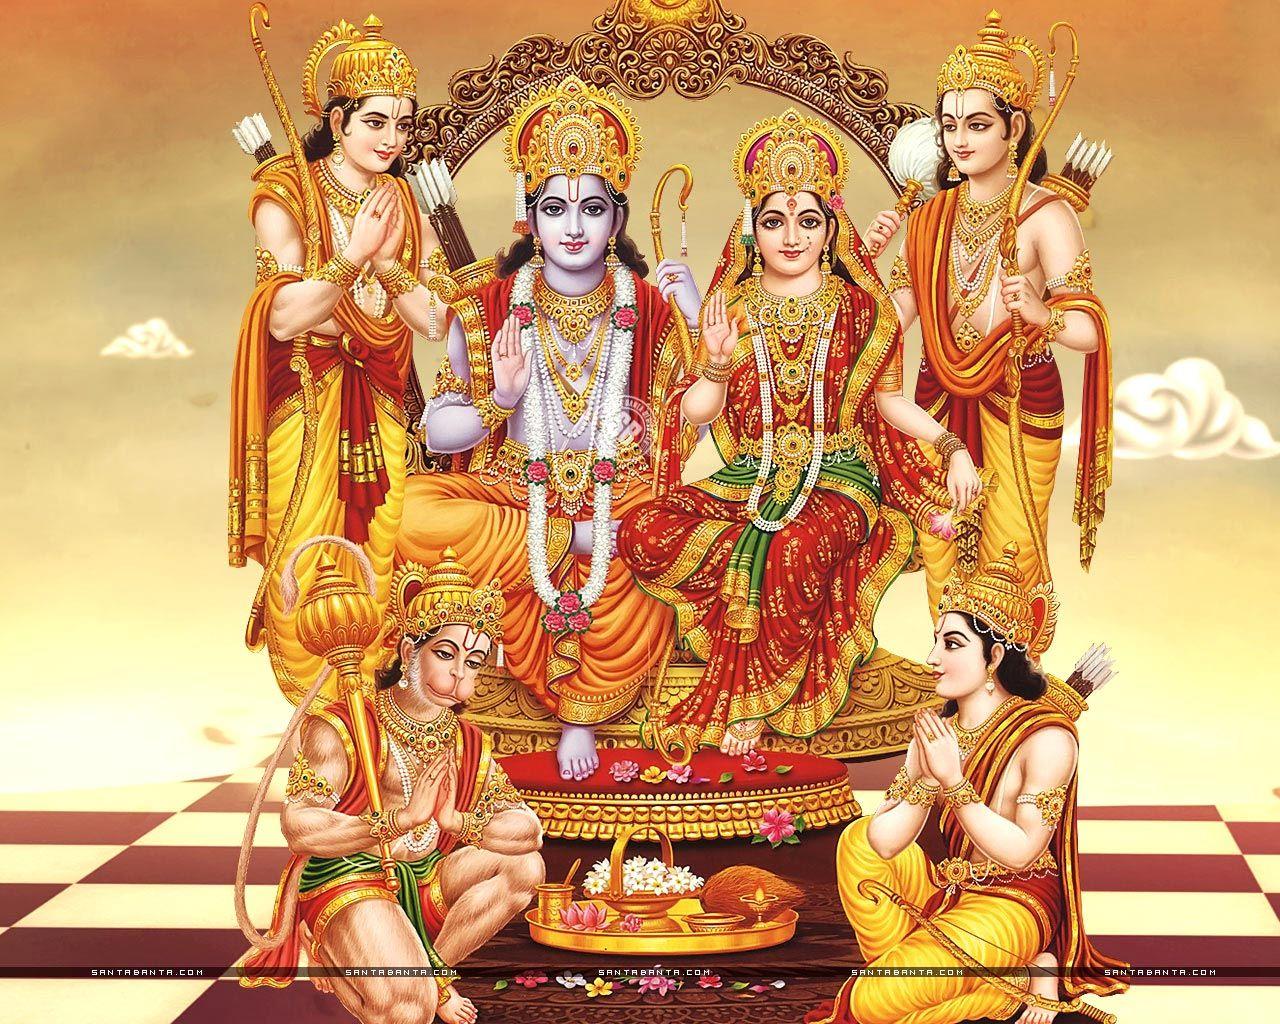 Ram Darbar Wallpapers P Os Free Download